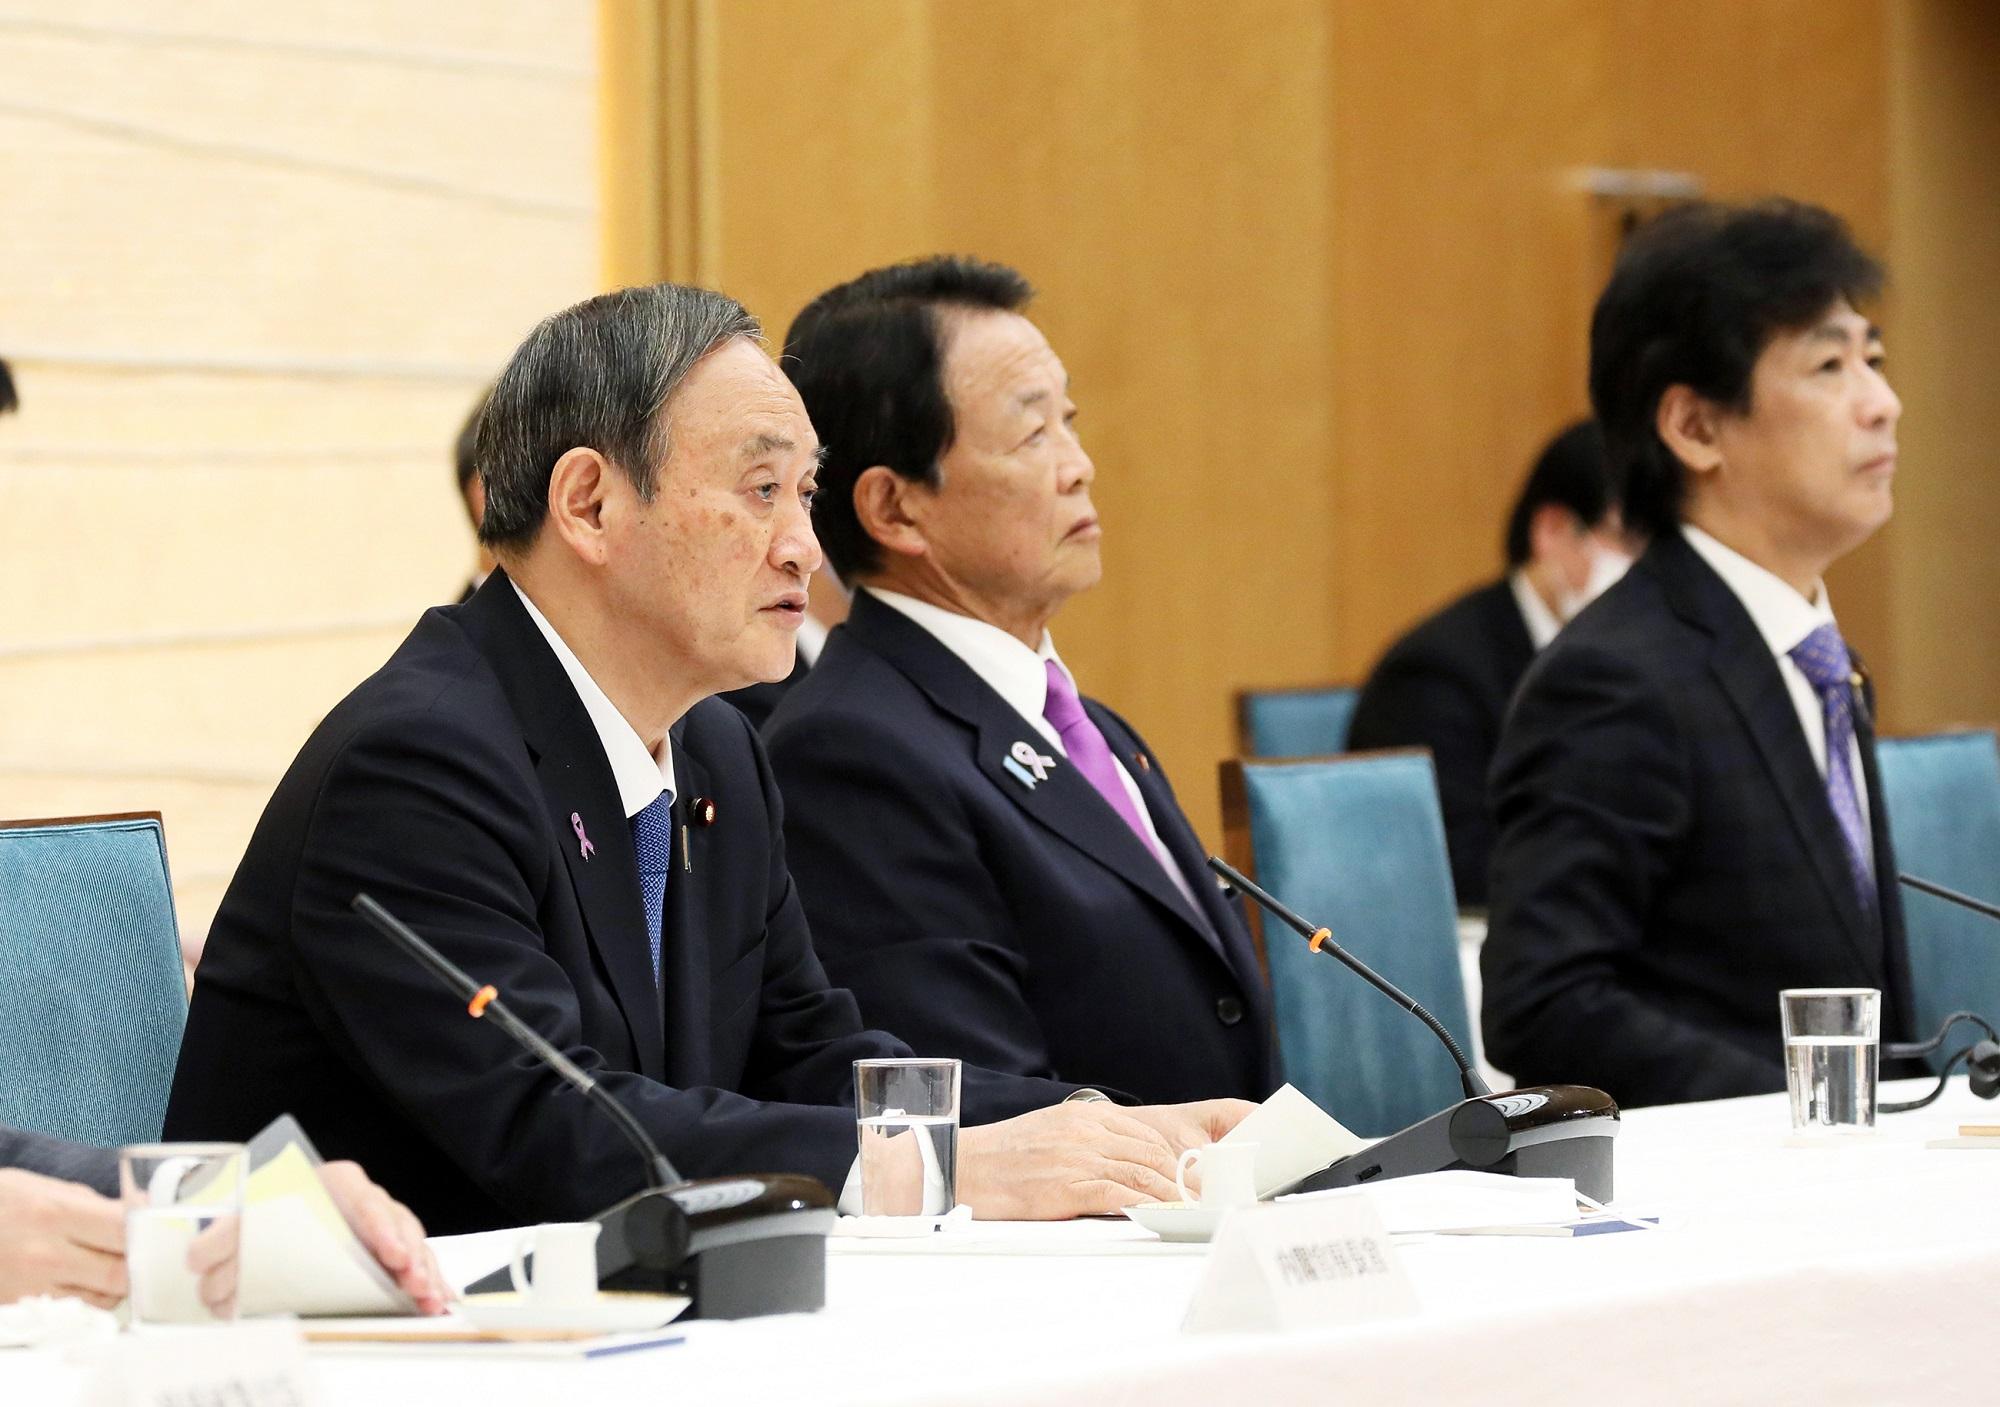 令和2年11月16日 政府与党連絡会議 | 令和2年 | 総理の一日 | ニュース ...